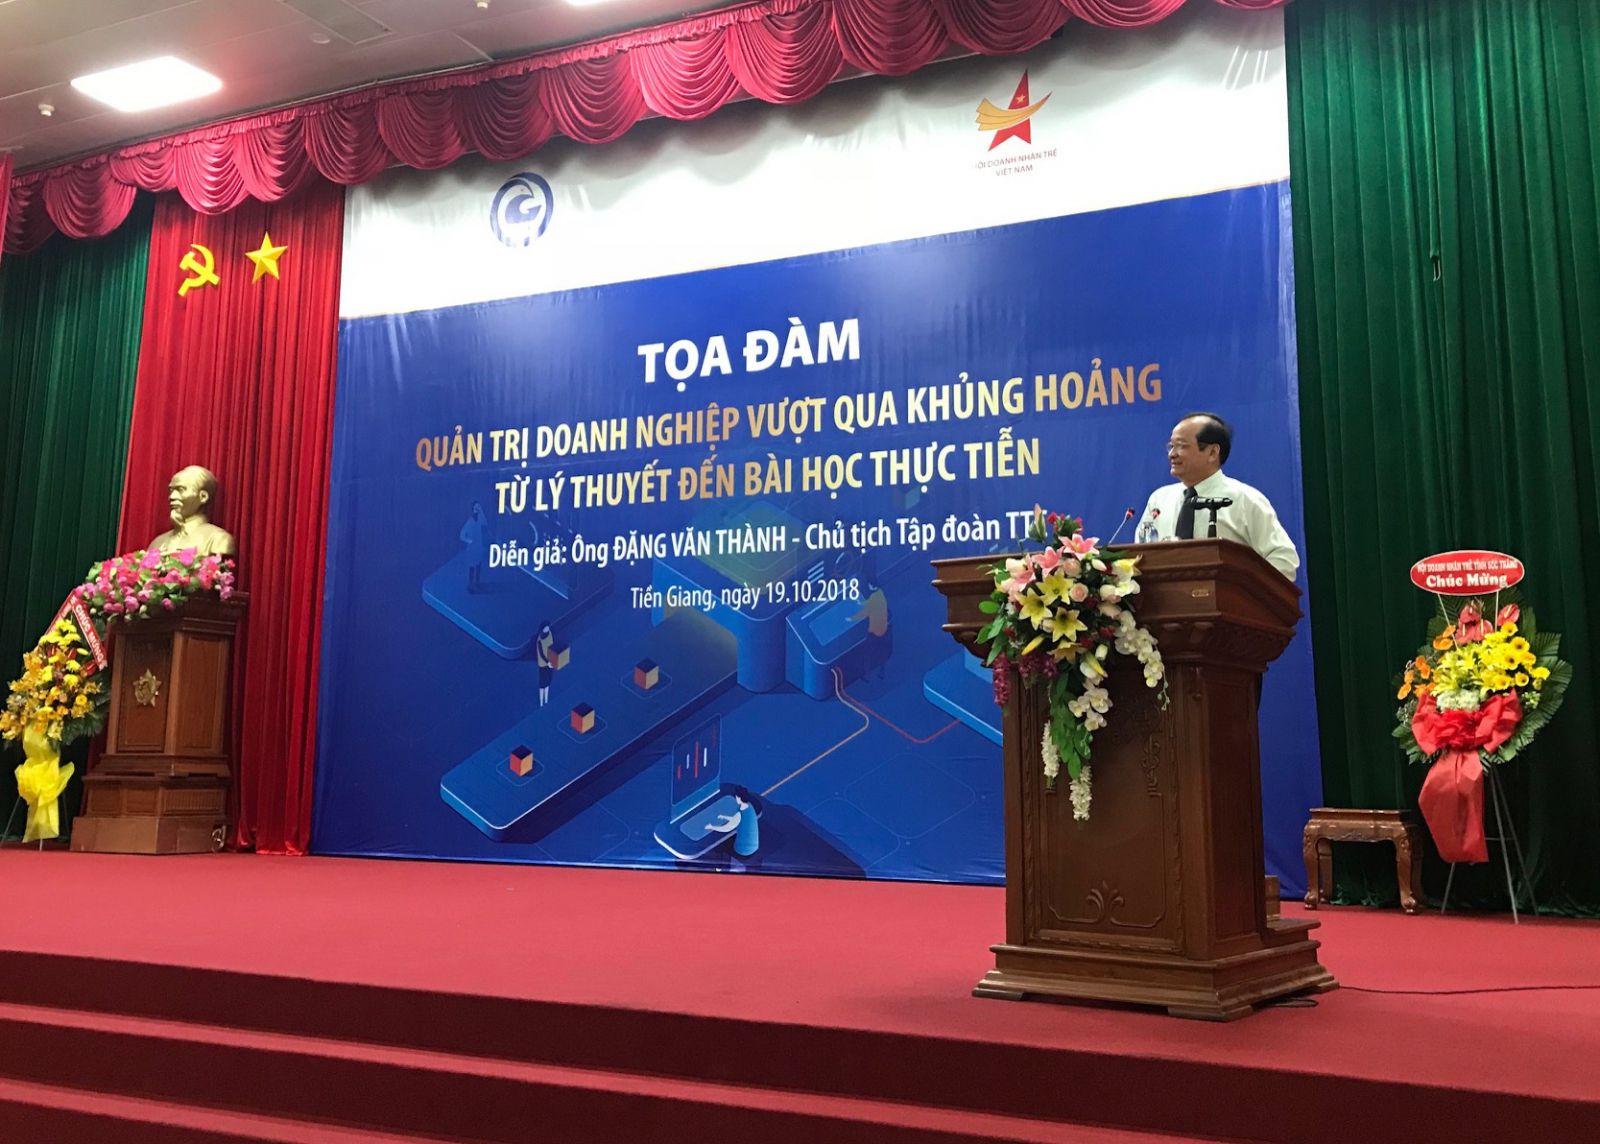 Tiền Giang tổ chức Toạ đàm Quản trị doanh nghiệp vượt qua khủng hoảng